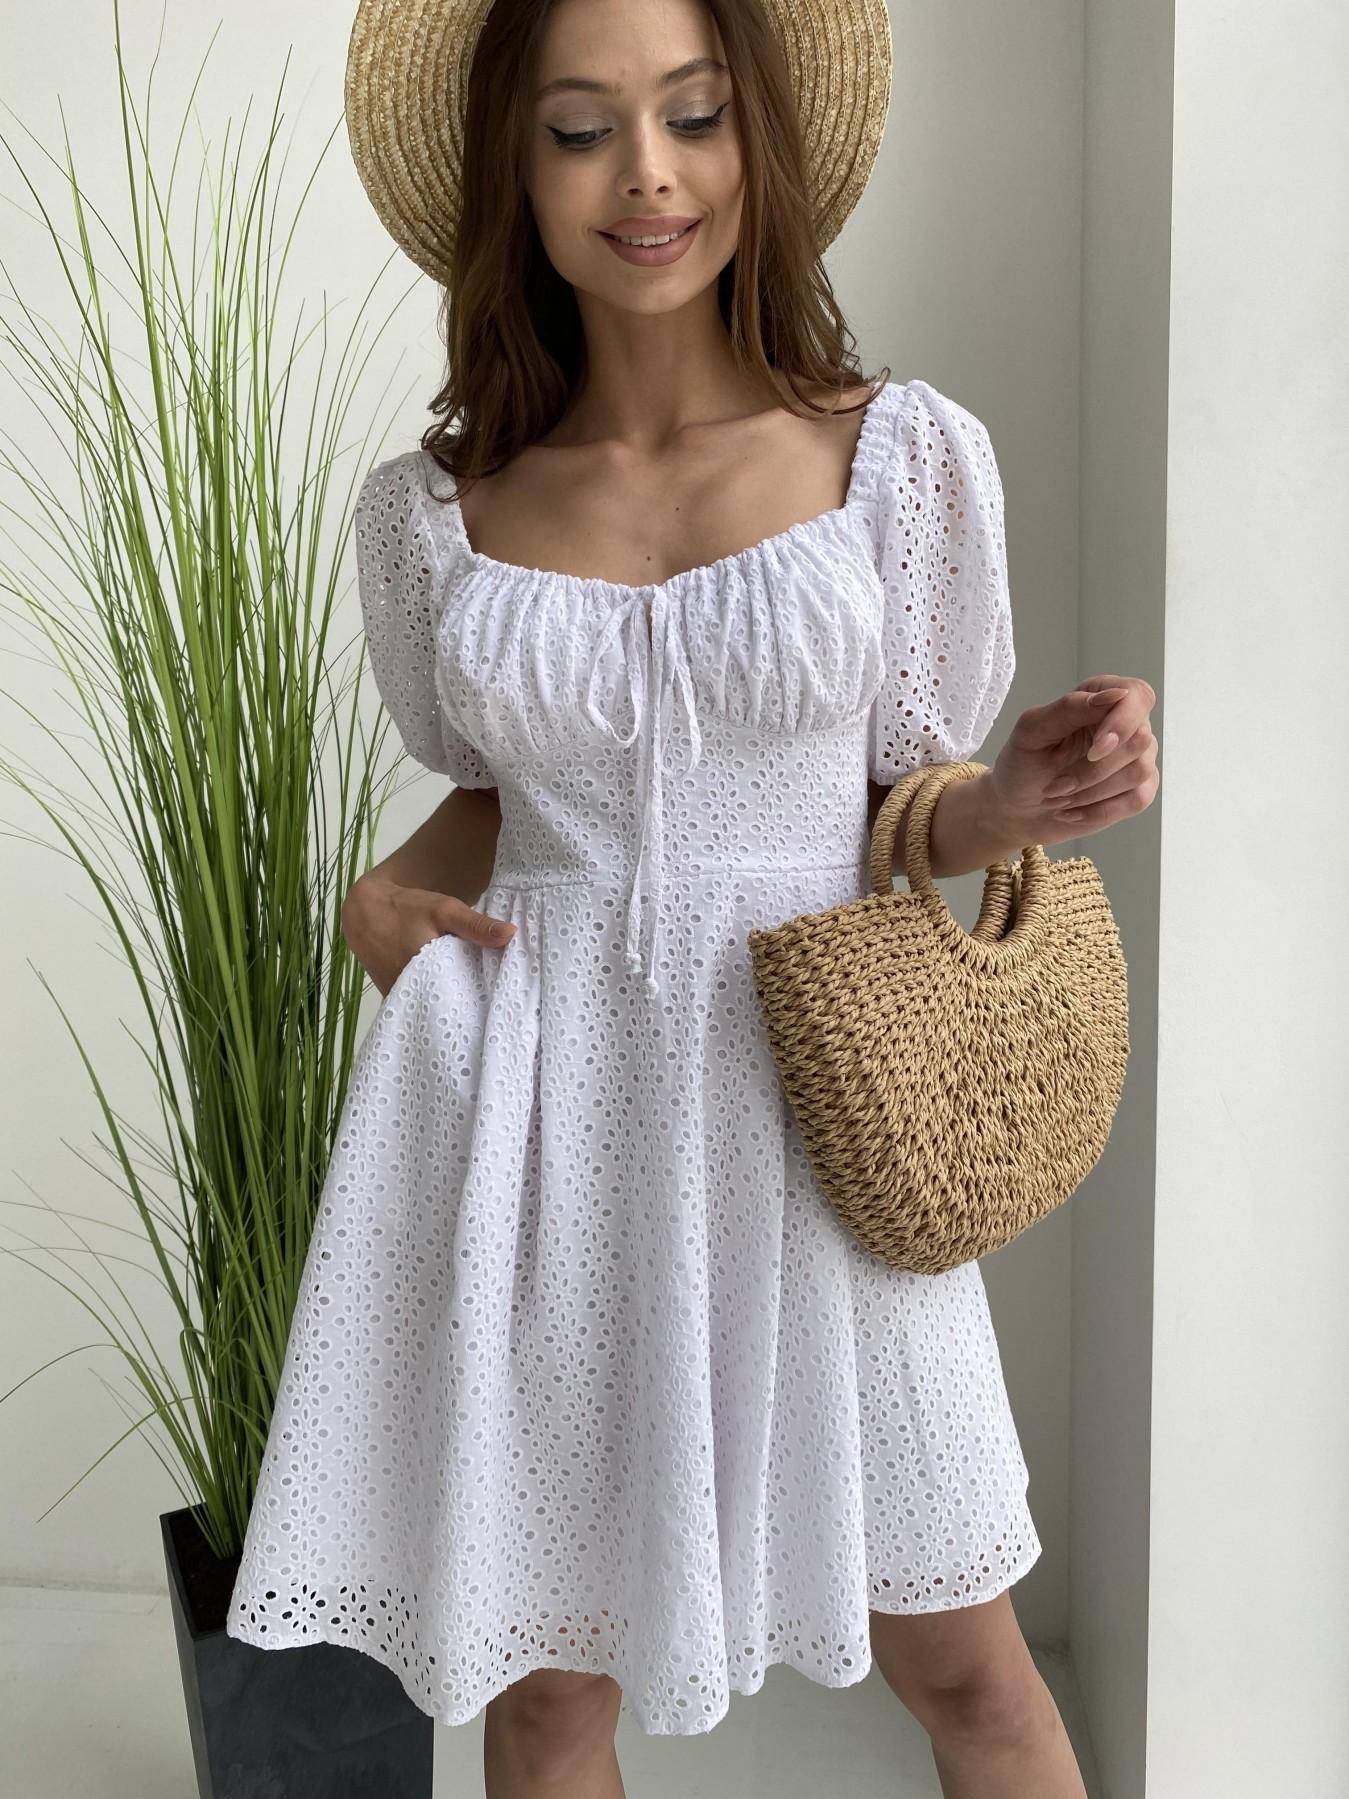 Кисес мини платье из прошвы 11439 АРТ. 48012 Цвет: Белый/МелЦветПерфор - фото 2, интернет магазин tm-modus.ru